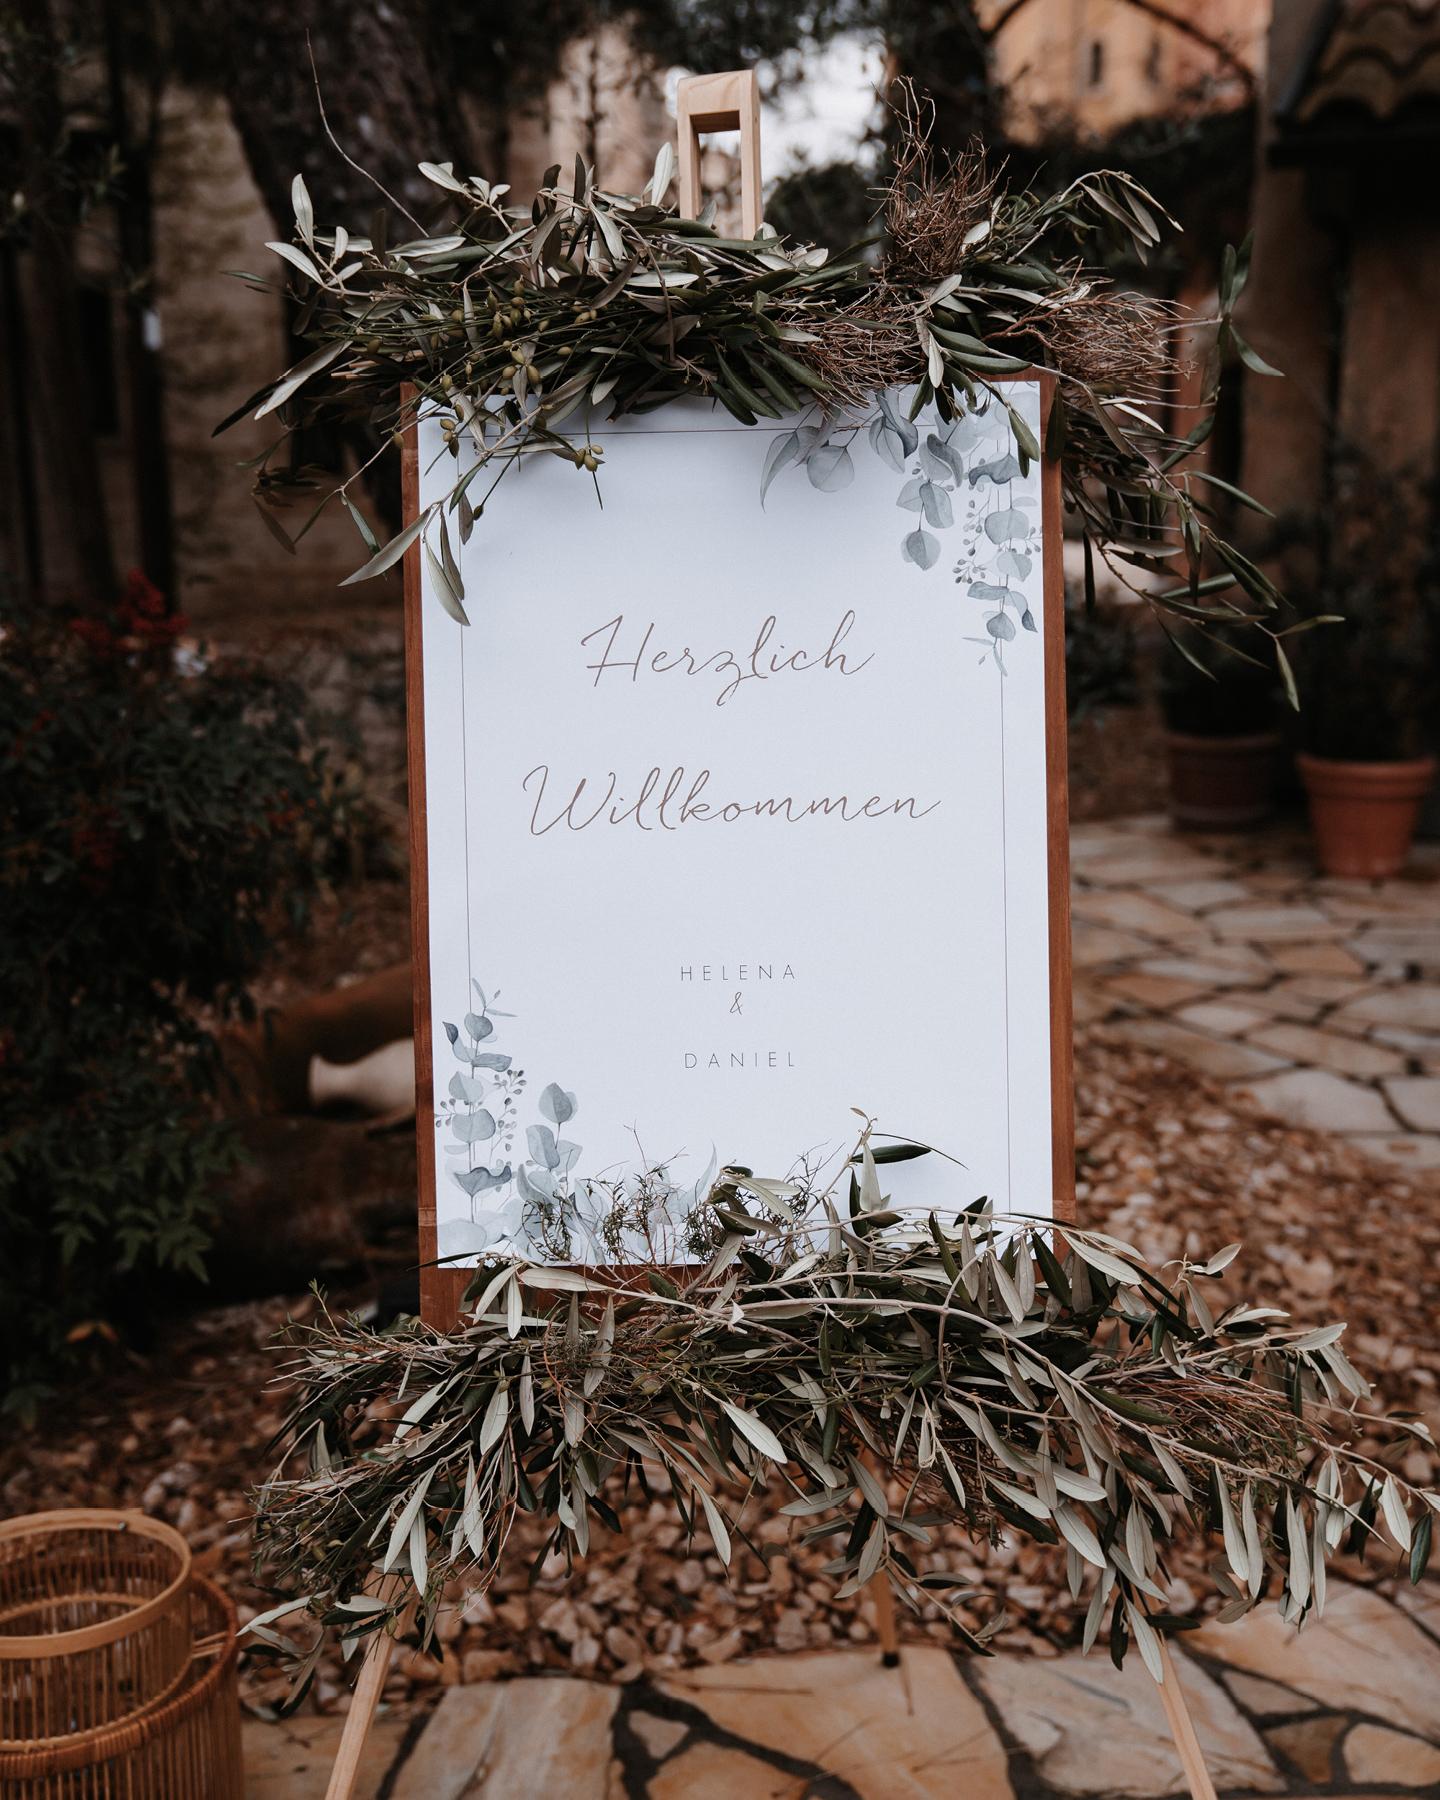 Willkommensschild mit Eukalyptus Illustration ist dekoriert auf einer Staffelei mit Olivenzweigen.